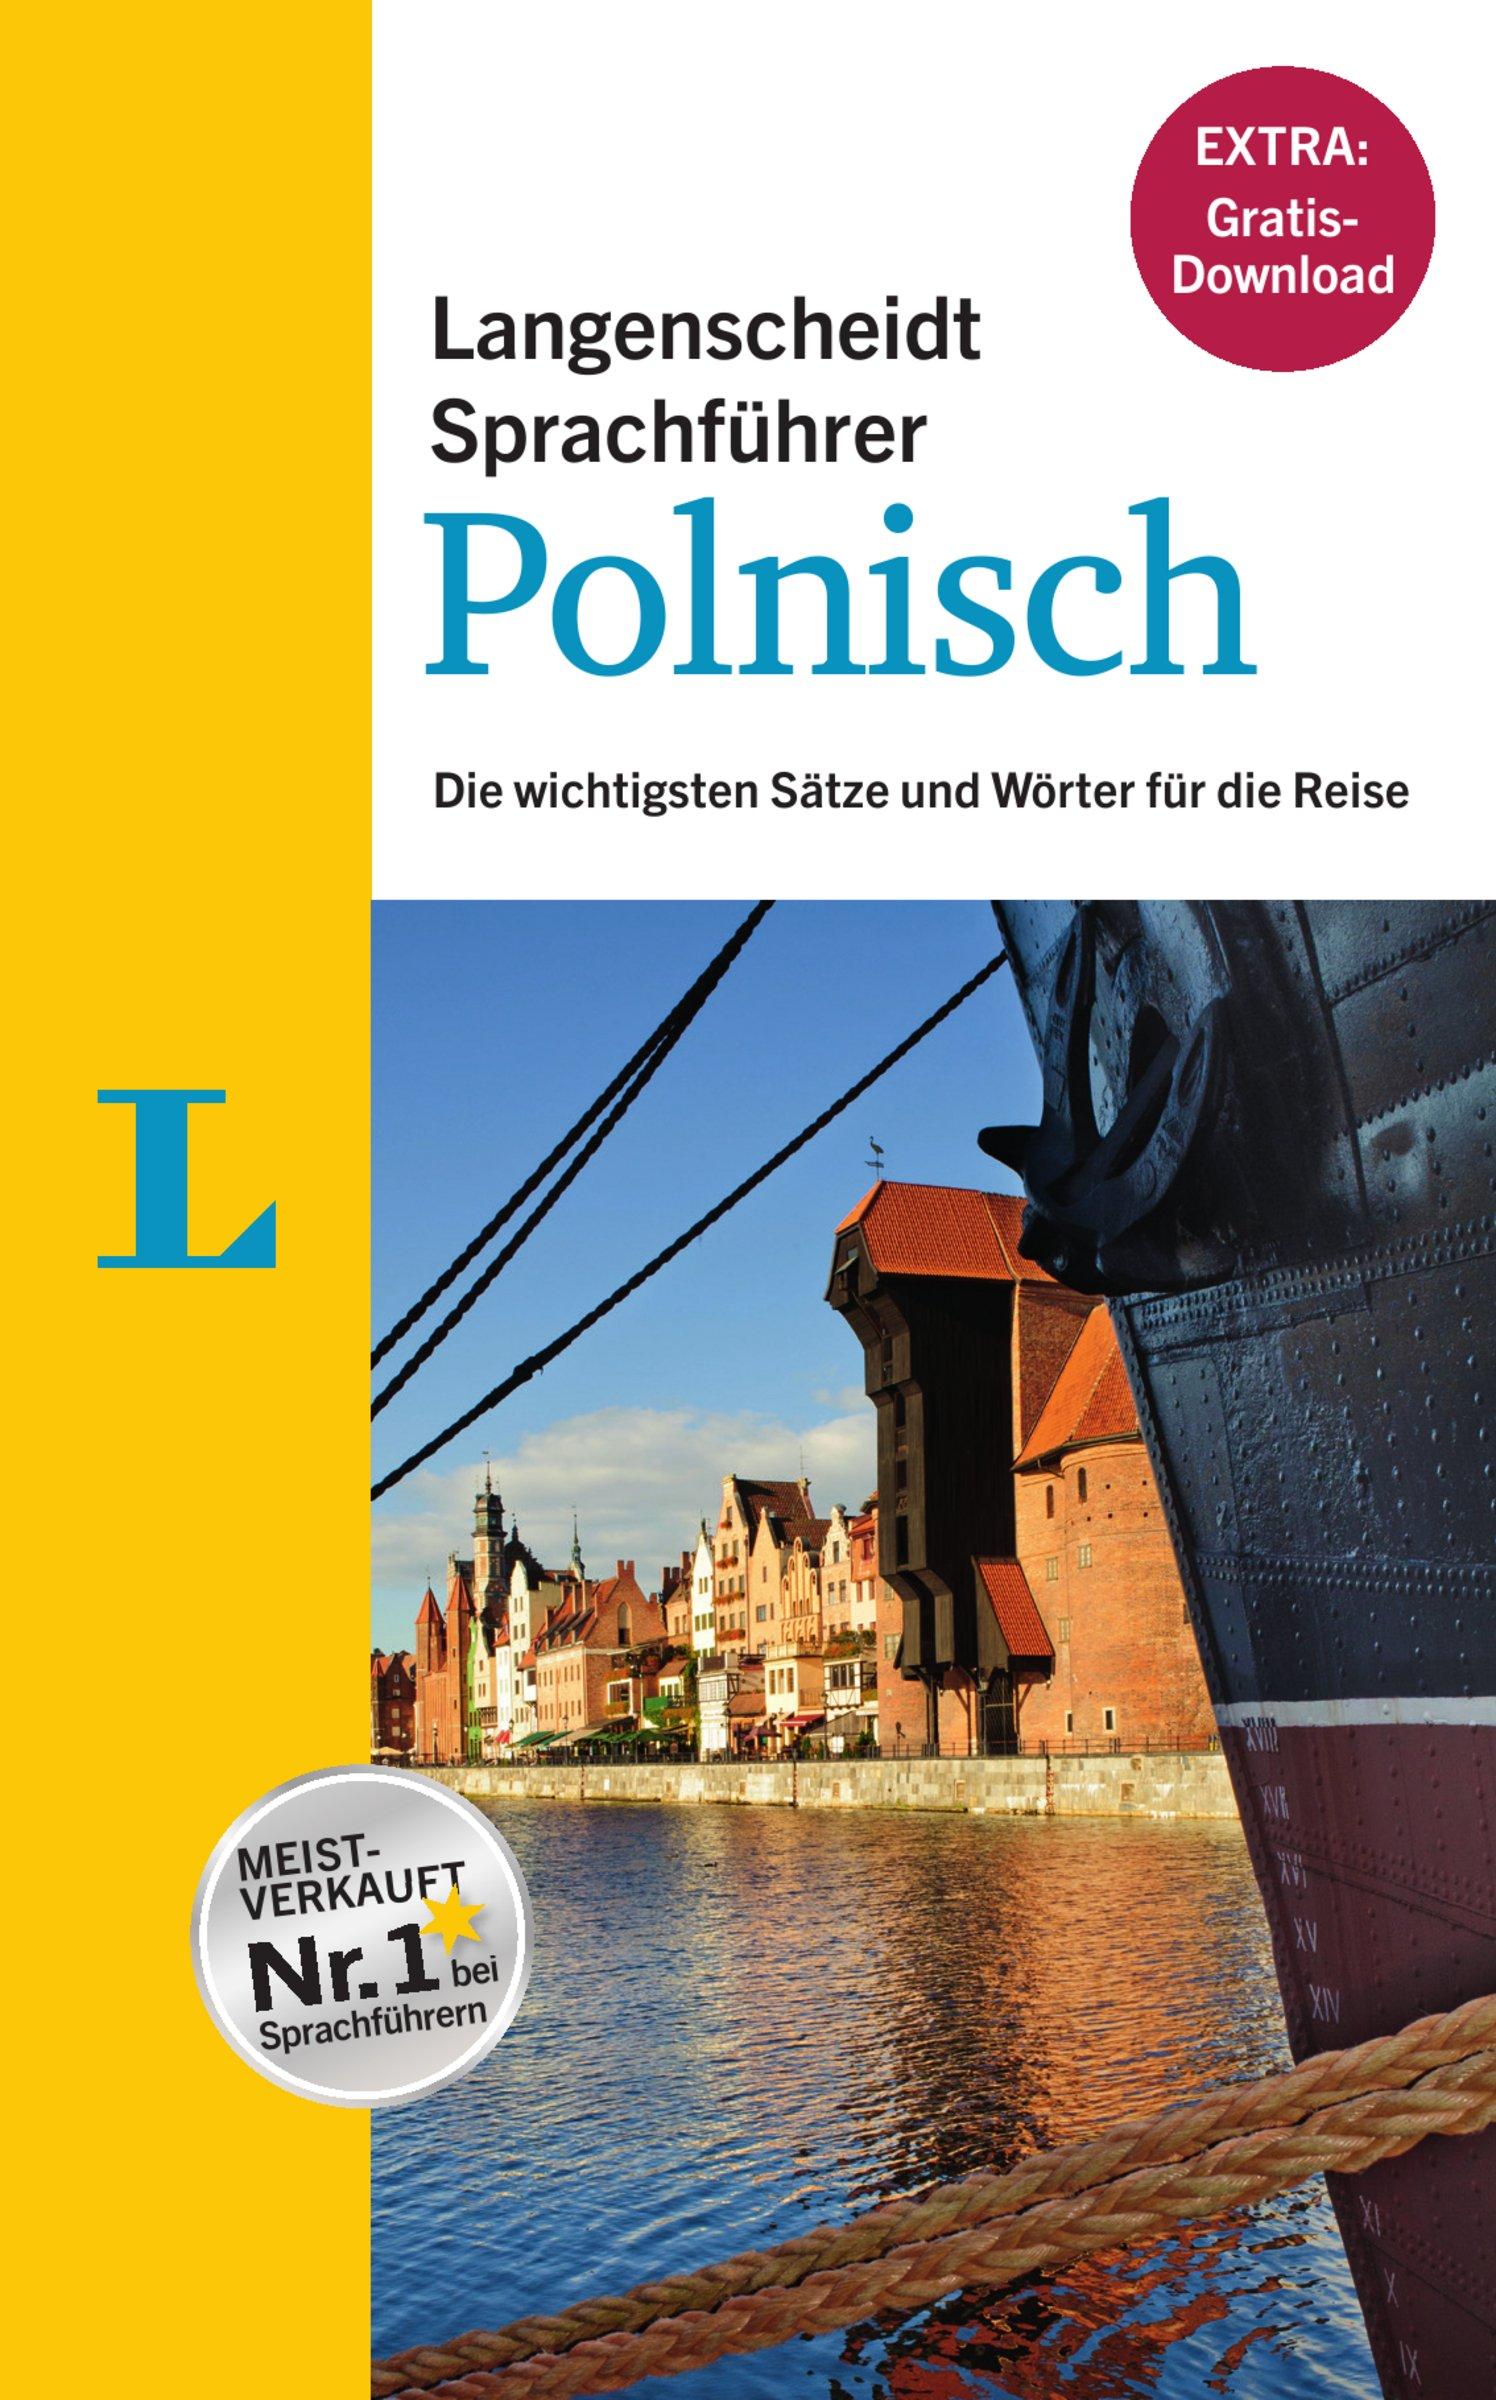 """Langenscheidt Sprachführer Polnisch - Buch inklusive E-Book zum Thema """"Essen & Trinken"""": Die wichtigsten Sätze und Wörter für die Reise"""